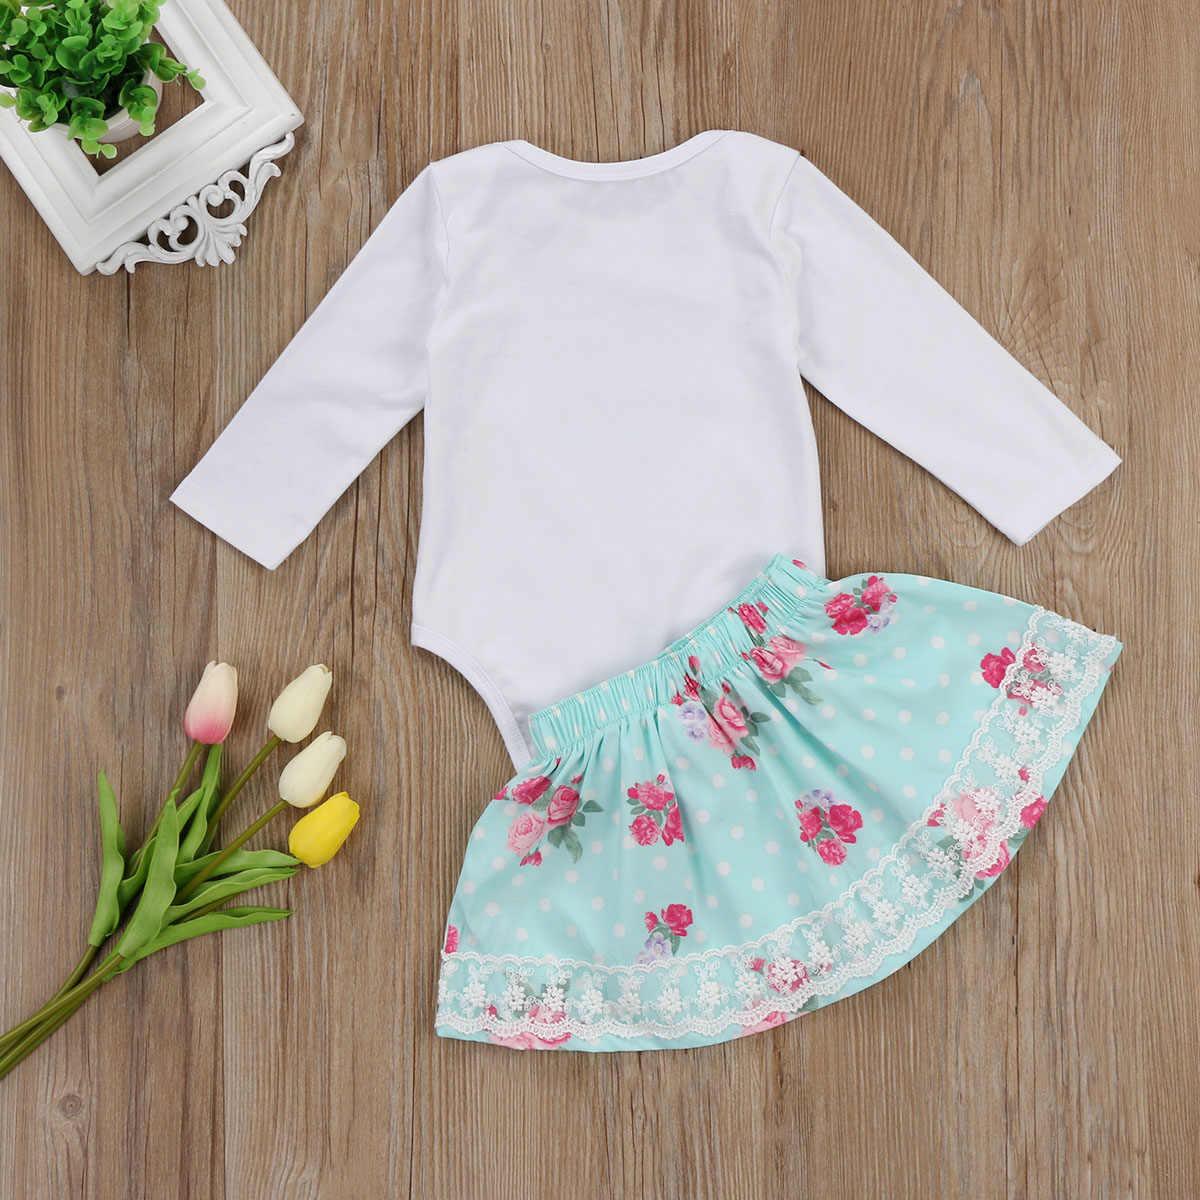 2017 prinses kant bloemen kid baby meisje set zusje romper + rokken grote zus t-shirt + rokken herfst baby meisje outfits